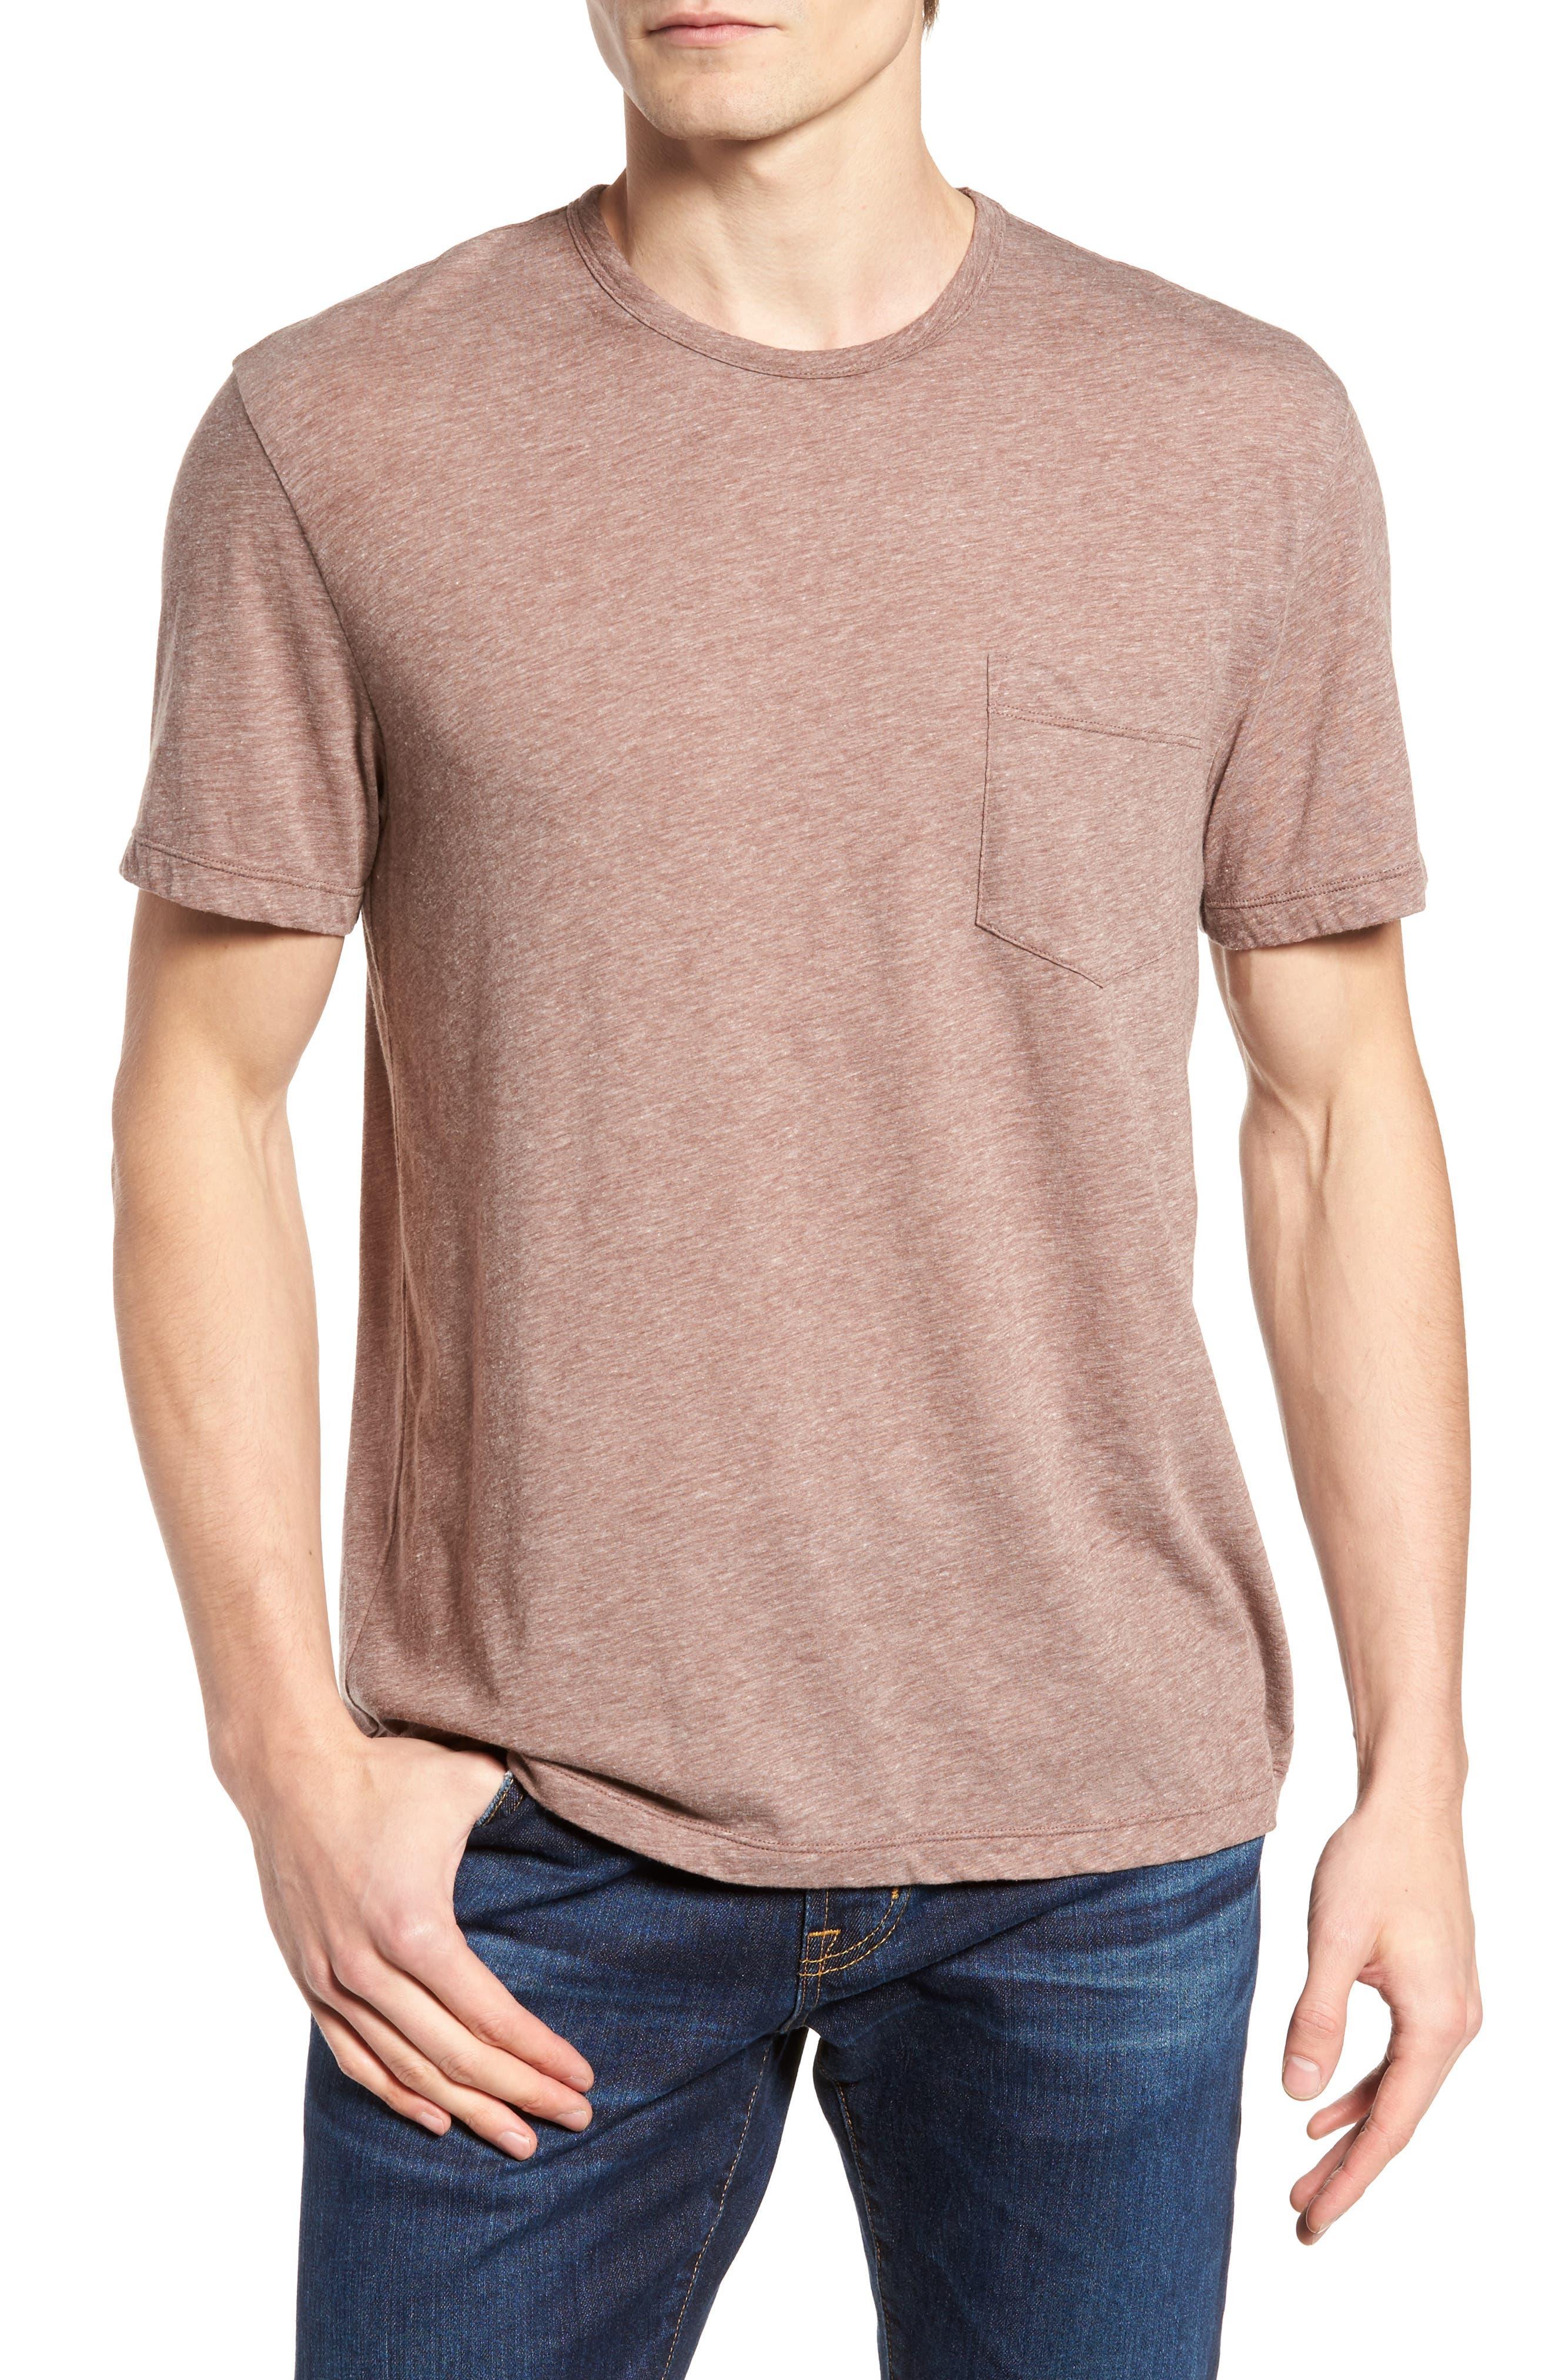 James Perse Slubbed Cotton & Linen Pocket T-Shirt